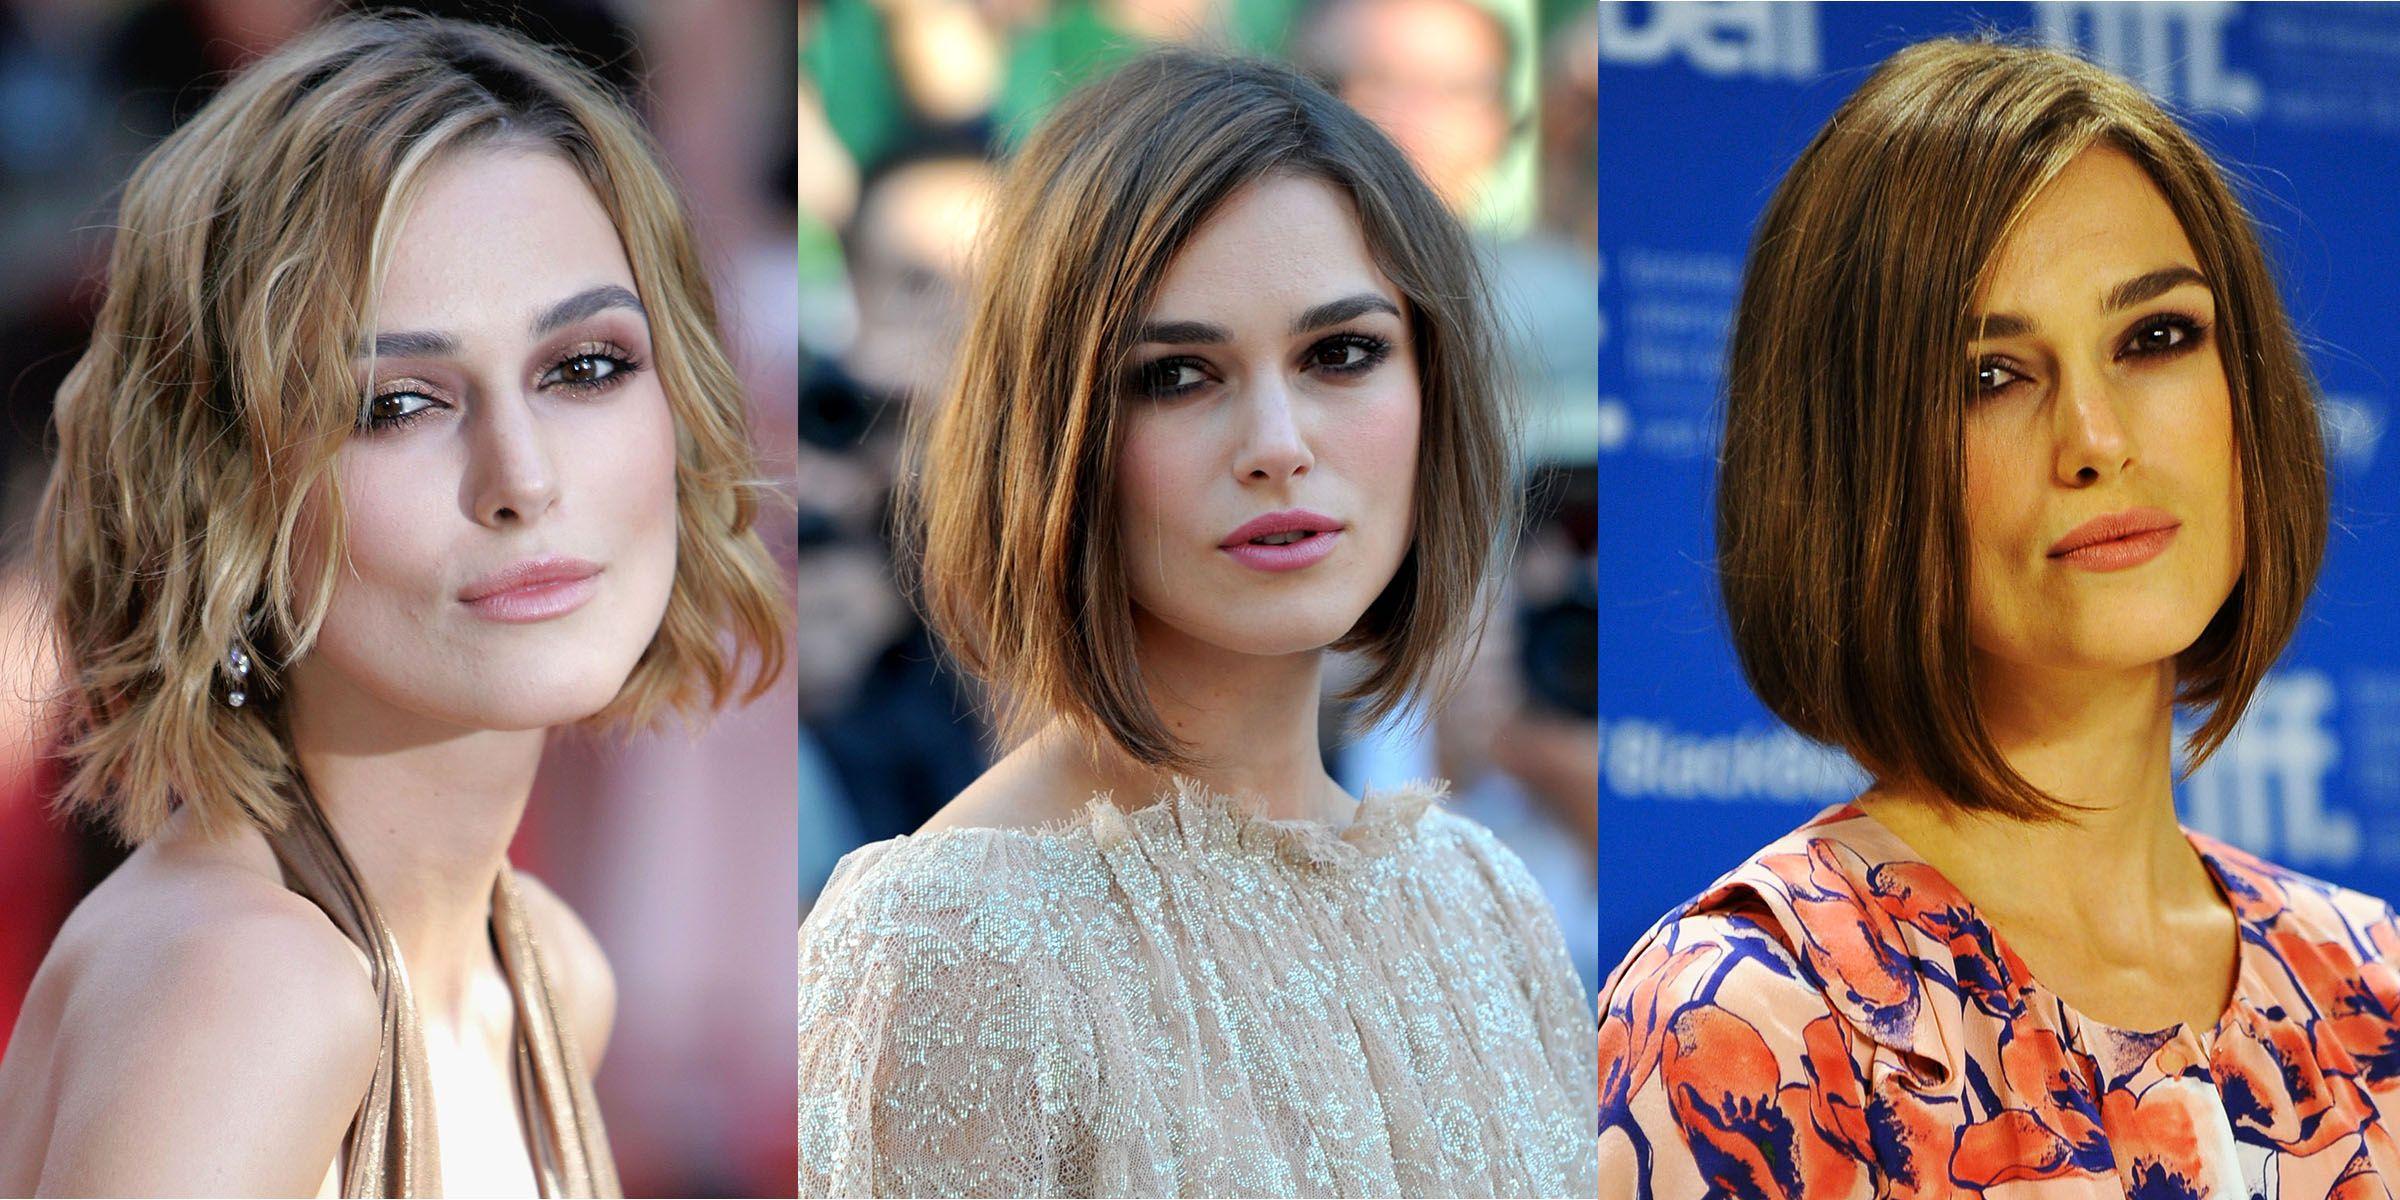 Scegliere colore e taglio capelli